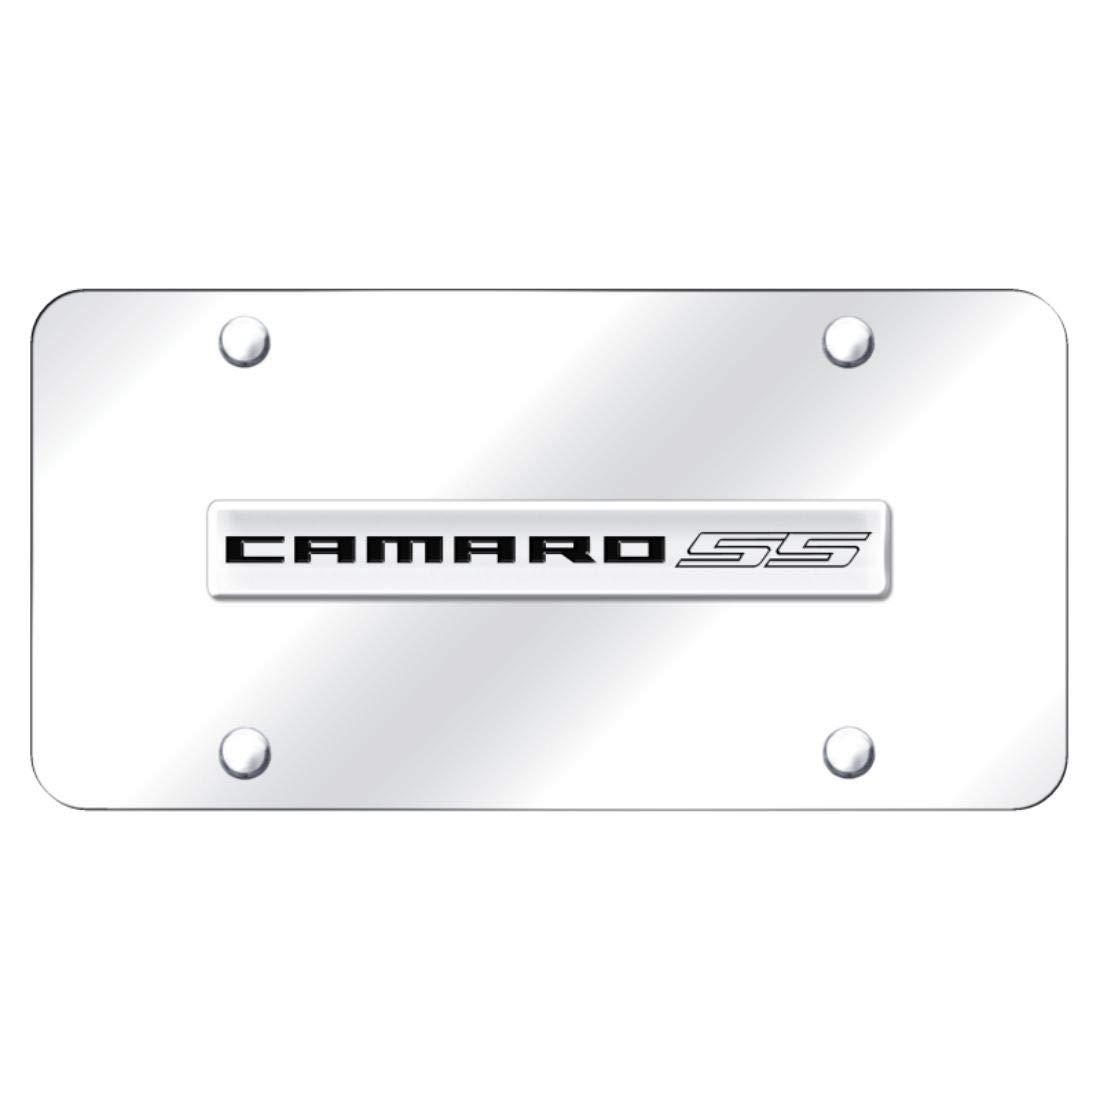 Au-TOMOTIVE GOLD LFCMRSSEC License Plate Frame